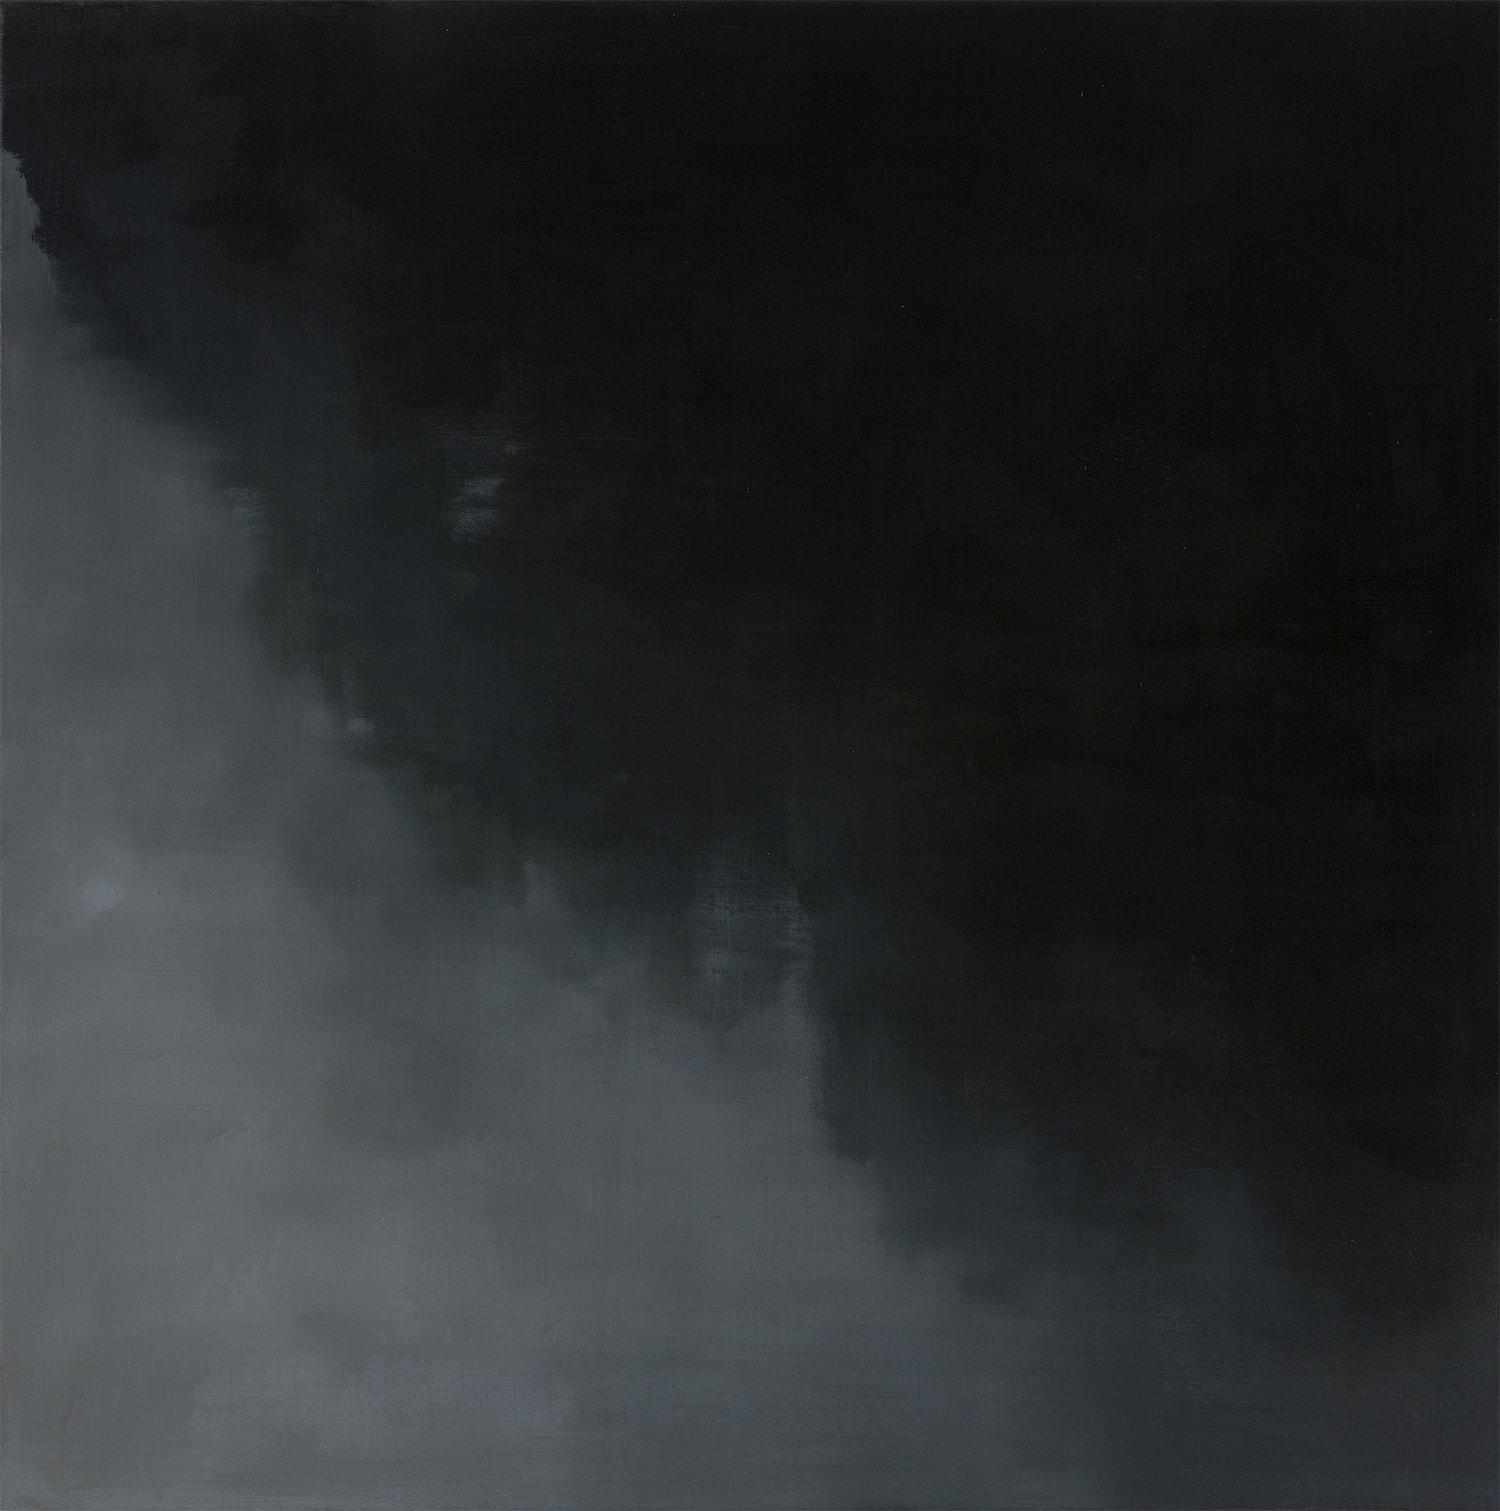 Adriane Strampp, In a Deeper Place, 2014, 102x102cm